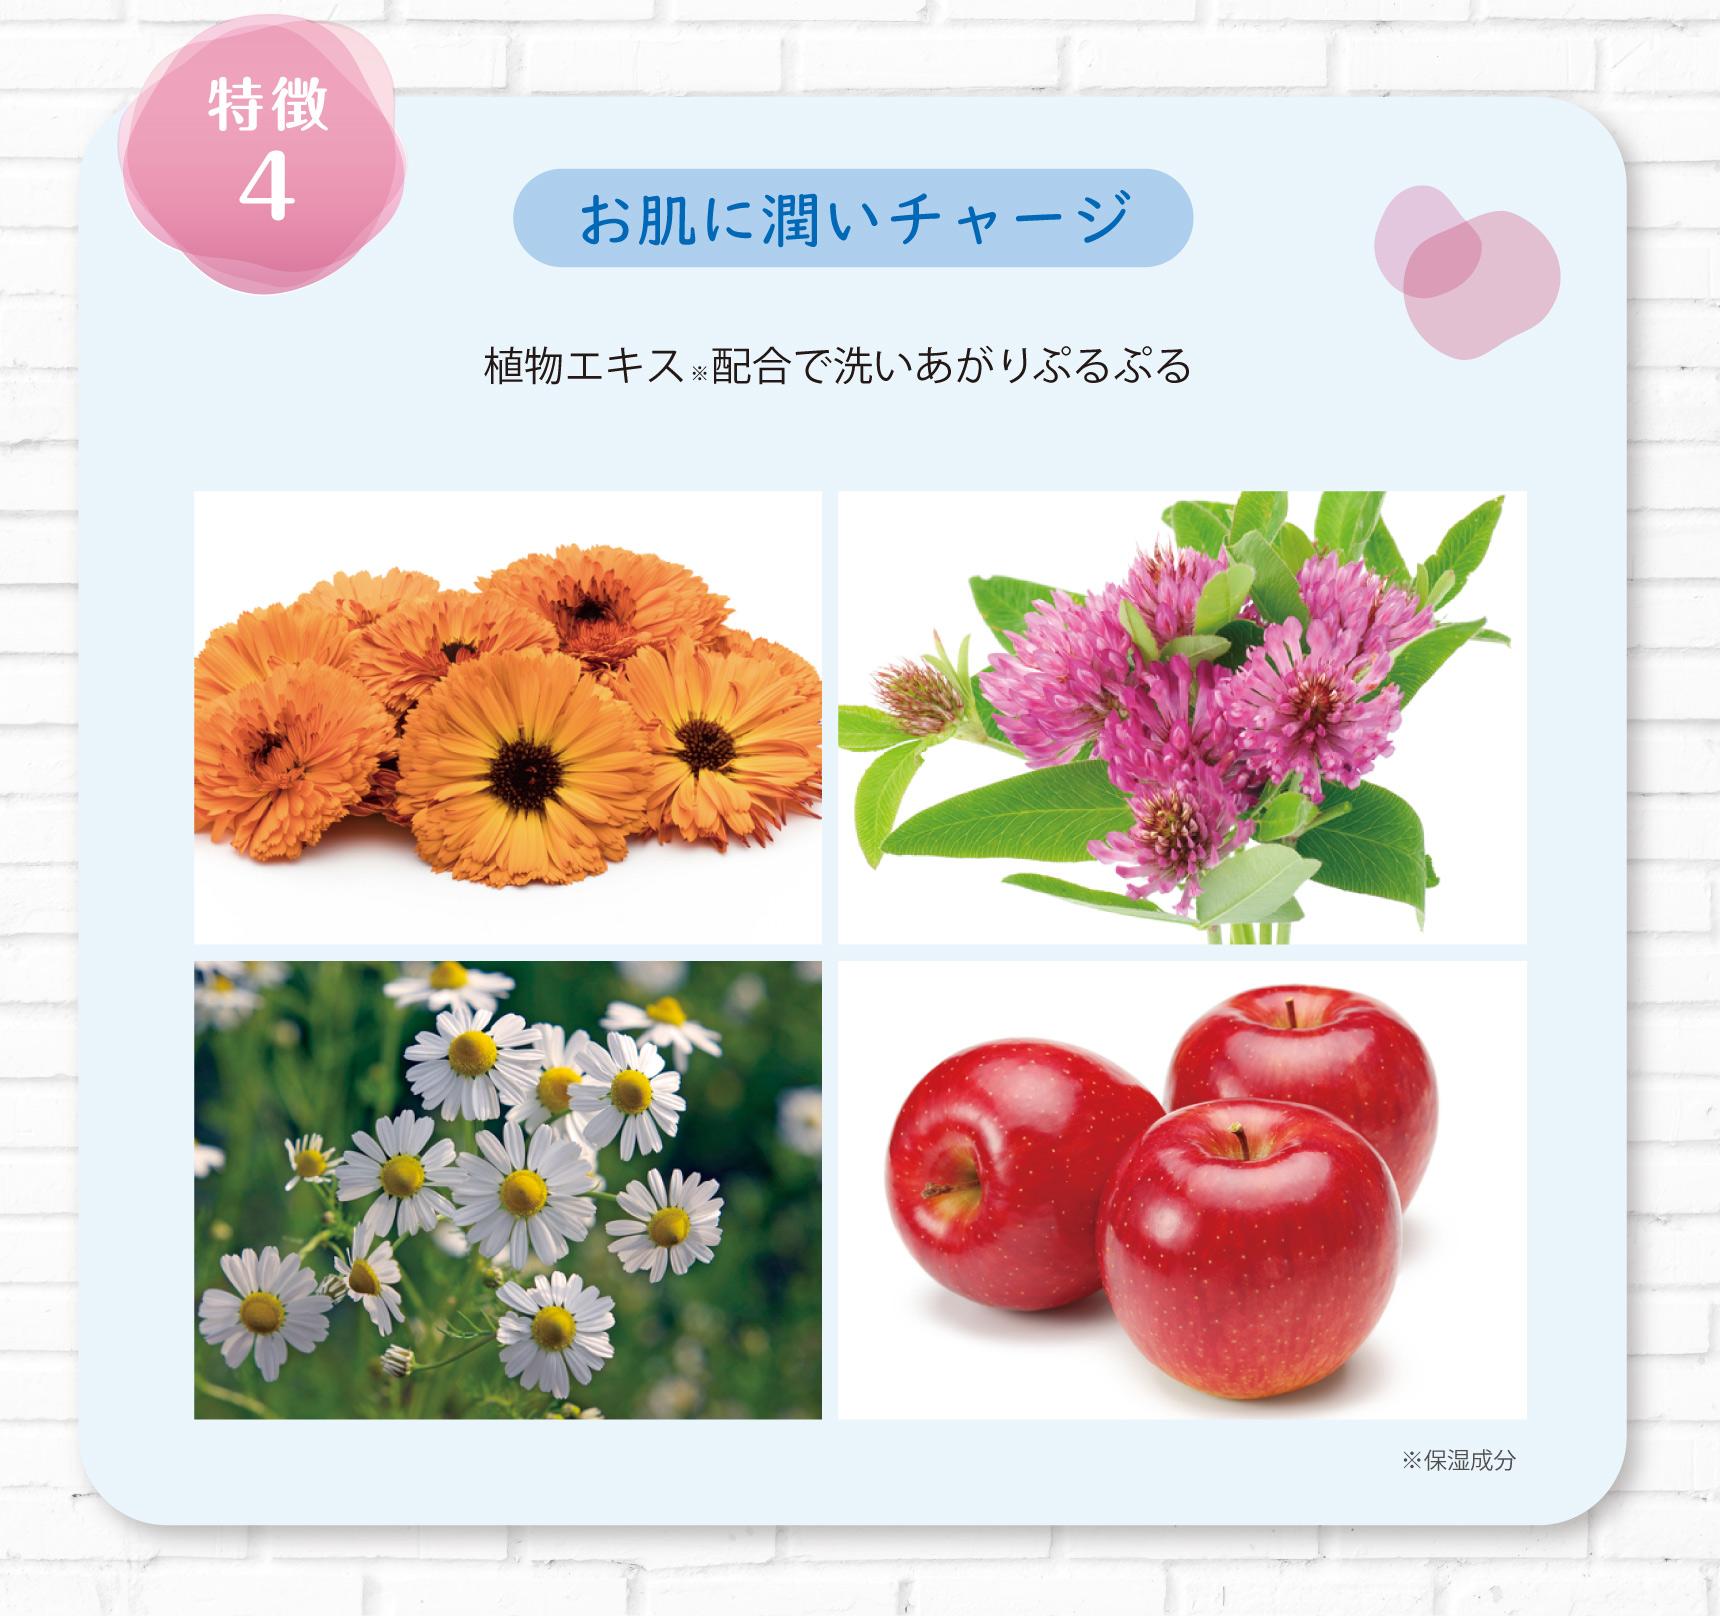 特徴4 お肌に潤いチャージ 植物エキス※配合で洗いあがりぷるぷる ※保湿成分